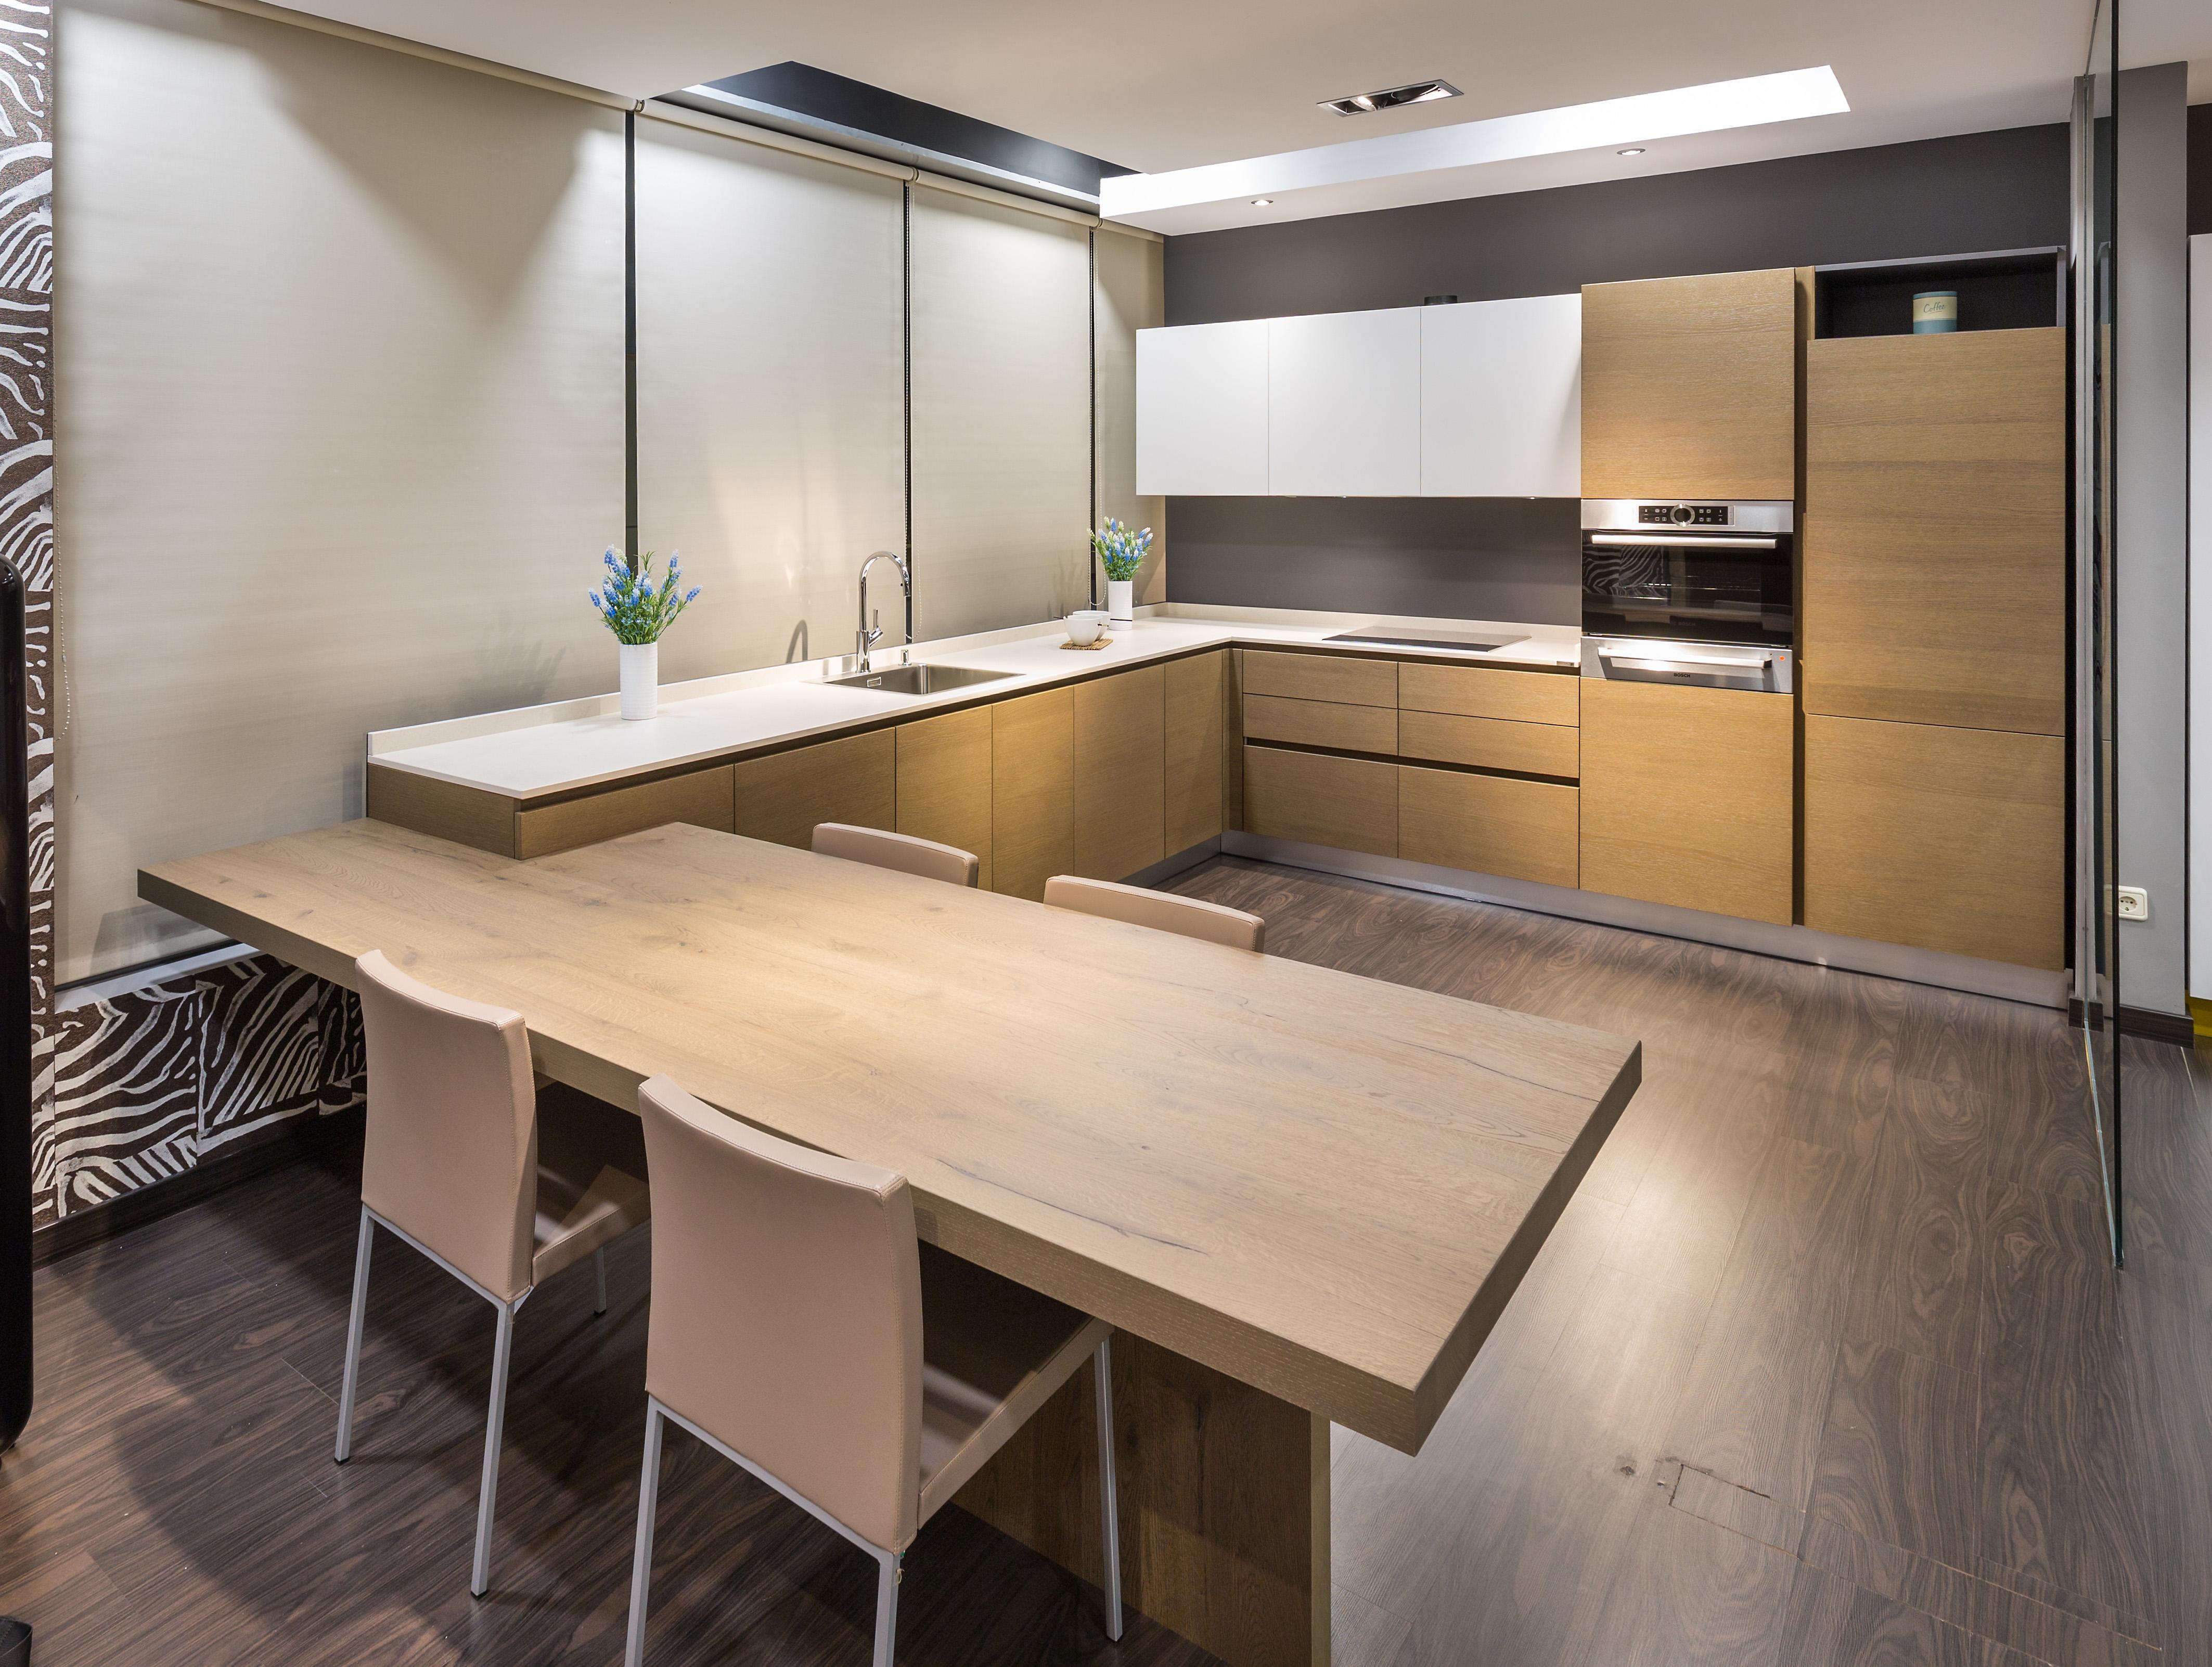 Las maderas pisan con fuerza cocinas rio for Cocinas modelos 2016